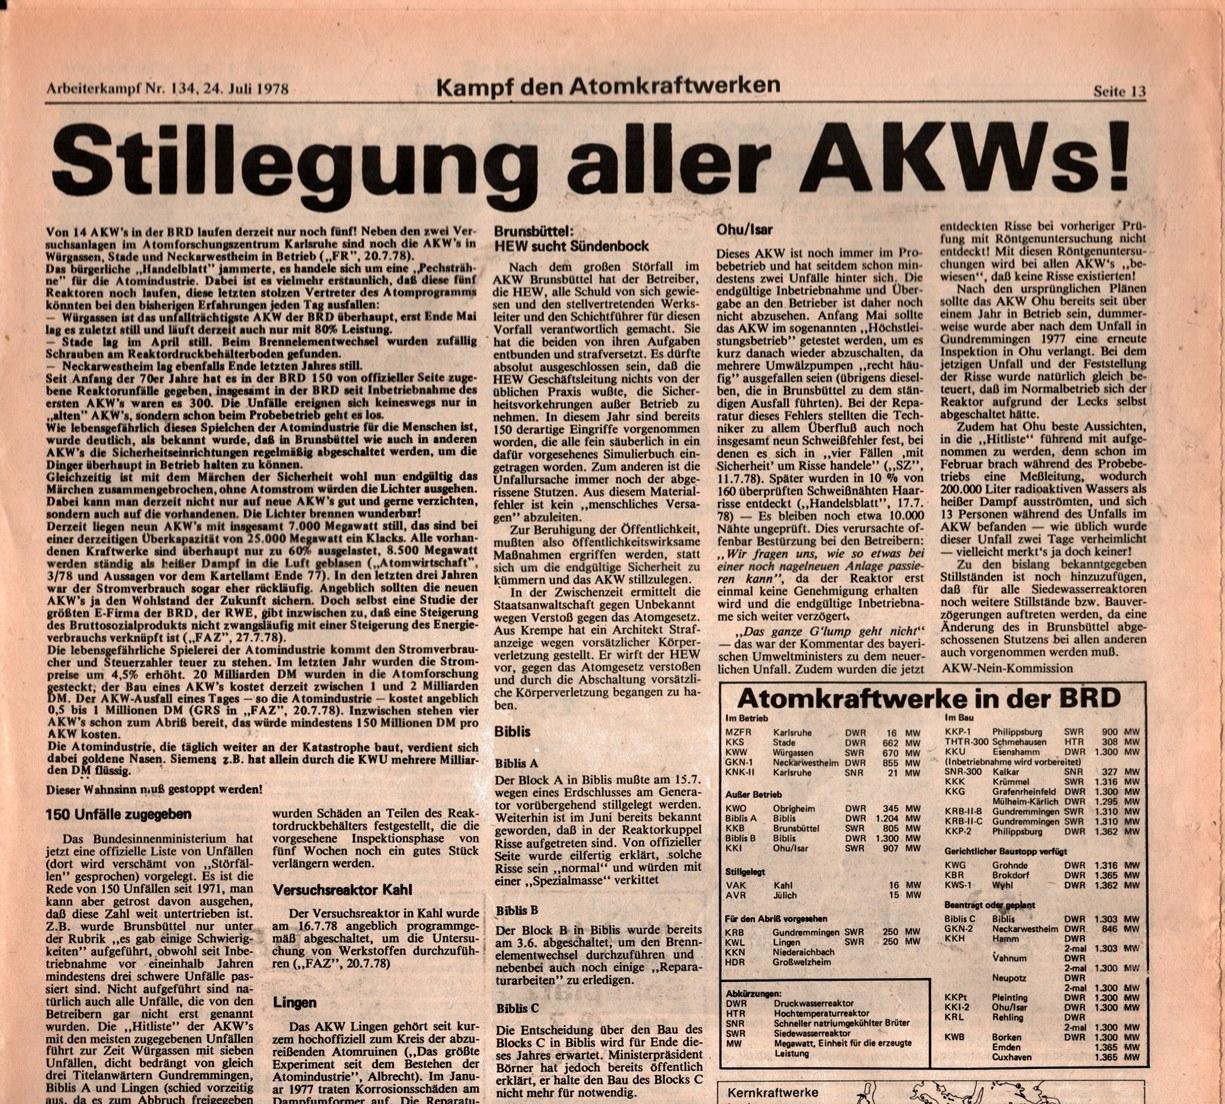 KB_AK_1978_134_025